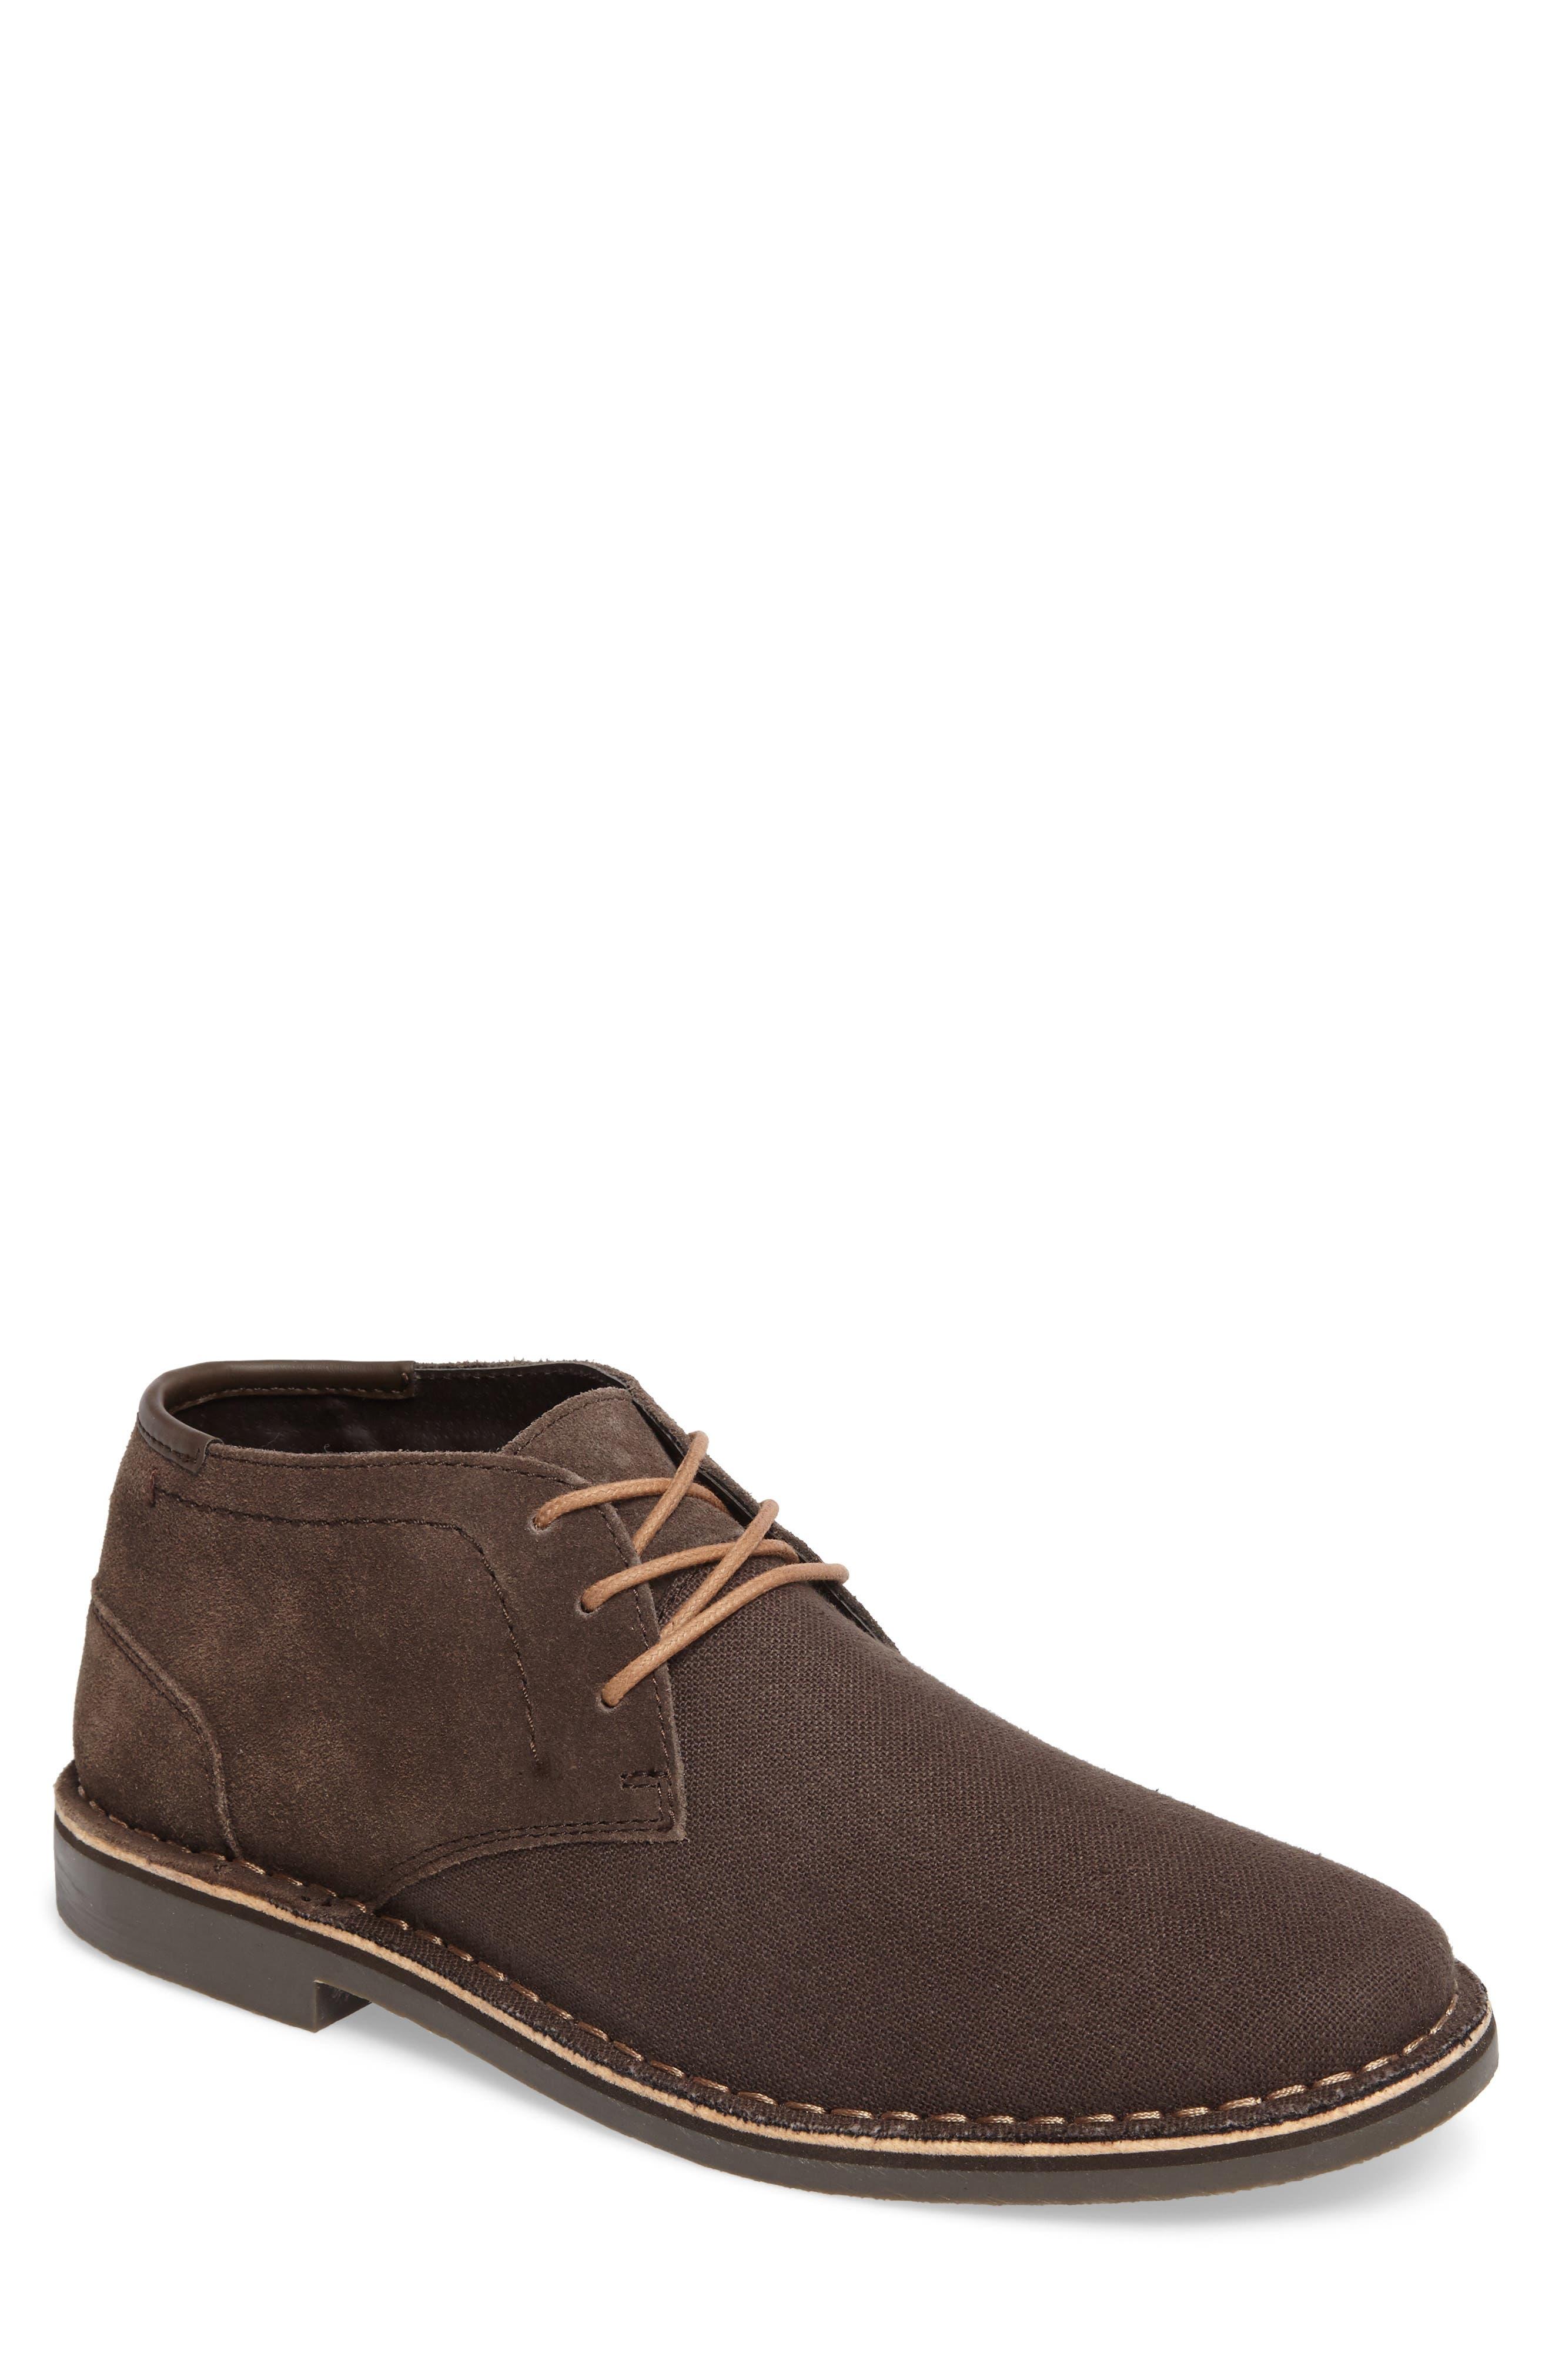 'Desert Sun' Chukka Boot,                         Main,                         color,